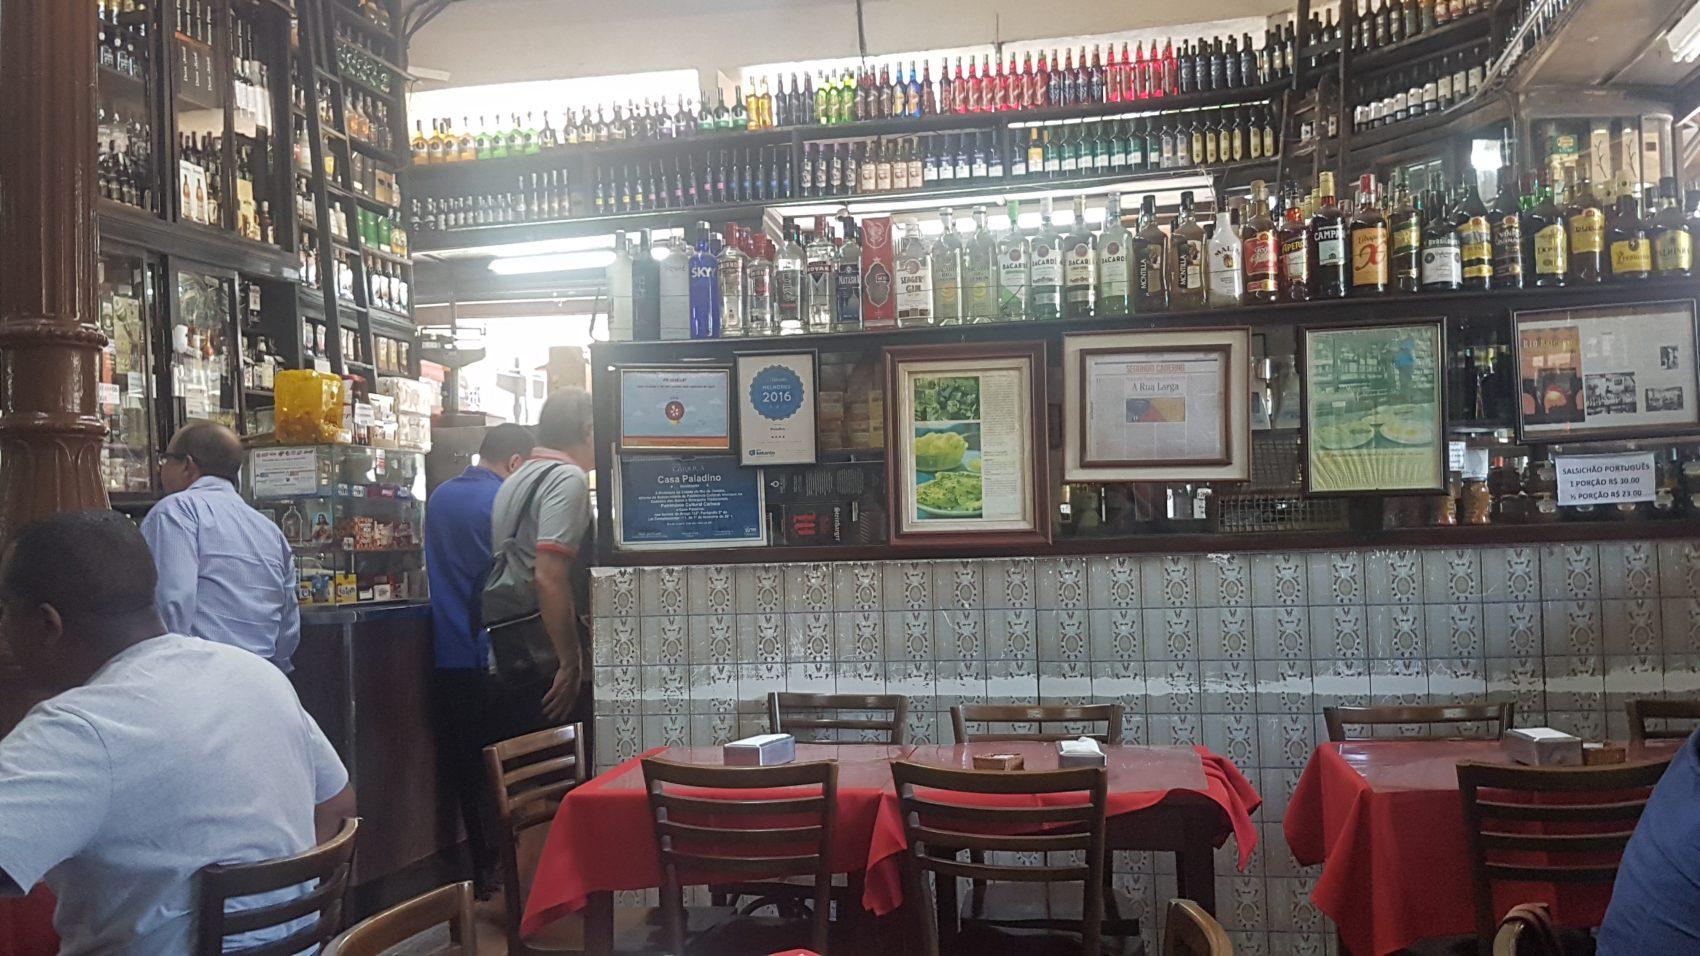 Casa Paladino: tradição e boa comida desde 1906 na Avenida Marechal Floriano (Foto: Oscar Valporto)